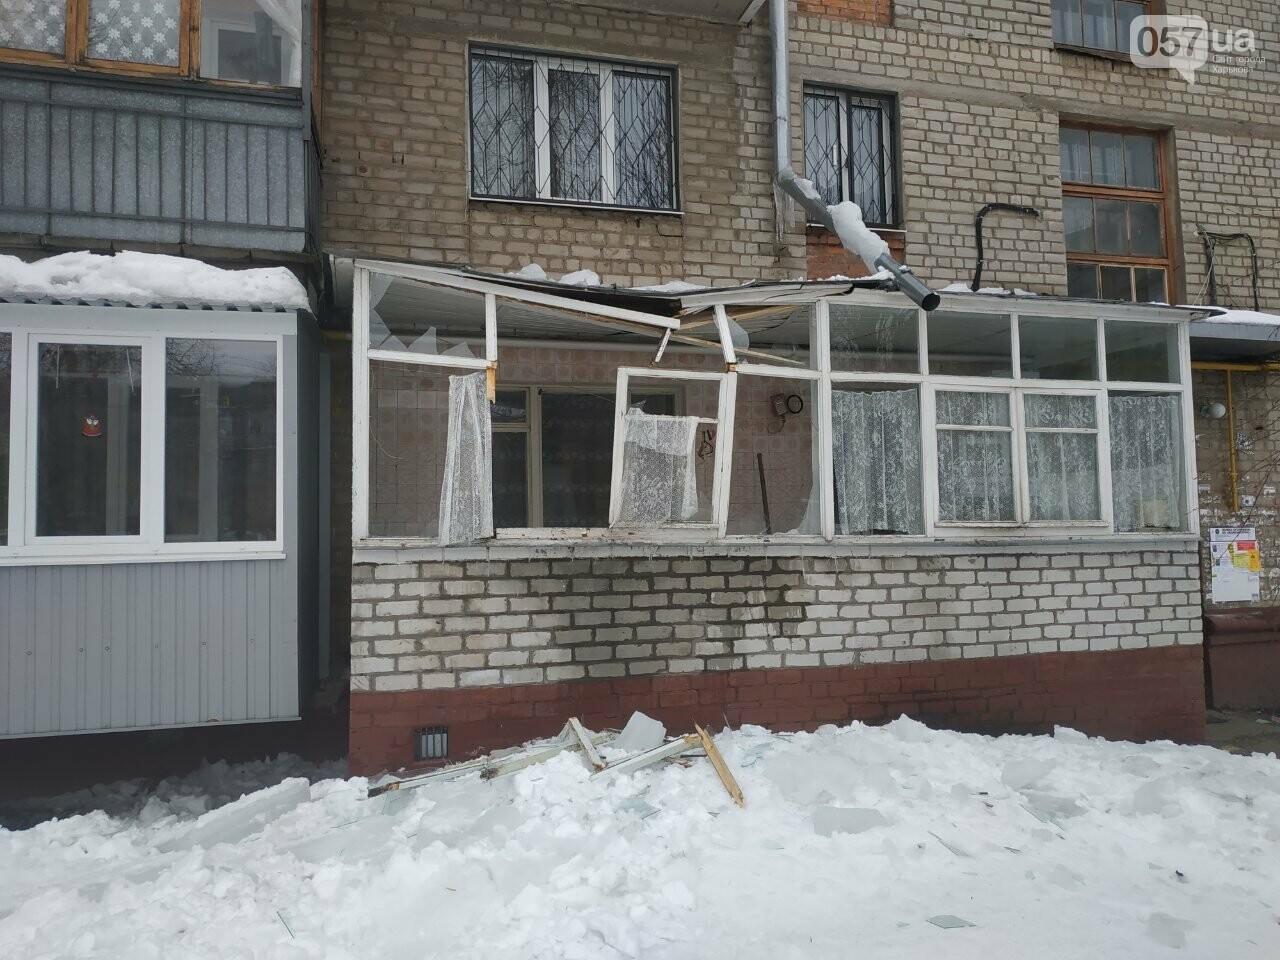 На Новых домах упавшая глыба льда разнесла балкон квартиры пенсионерки, - ФОТО, фото-3